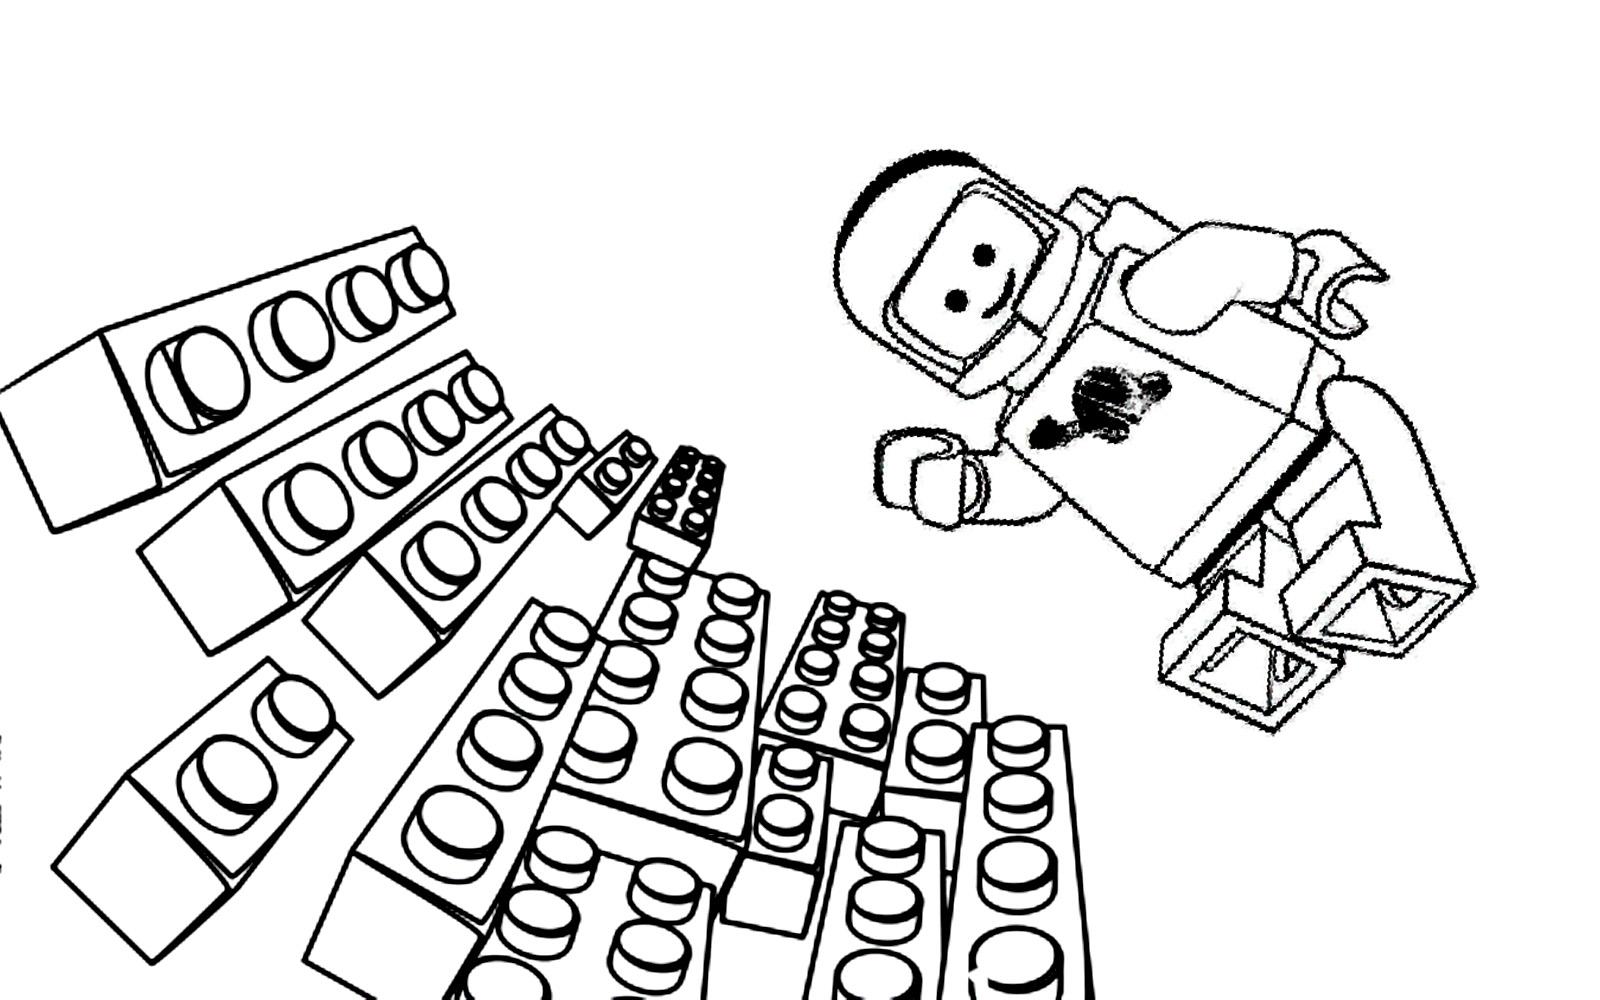 Benny l'astronaute survole en apesanteur des briques de Lego !